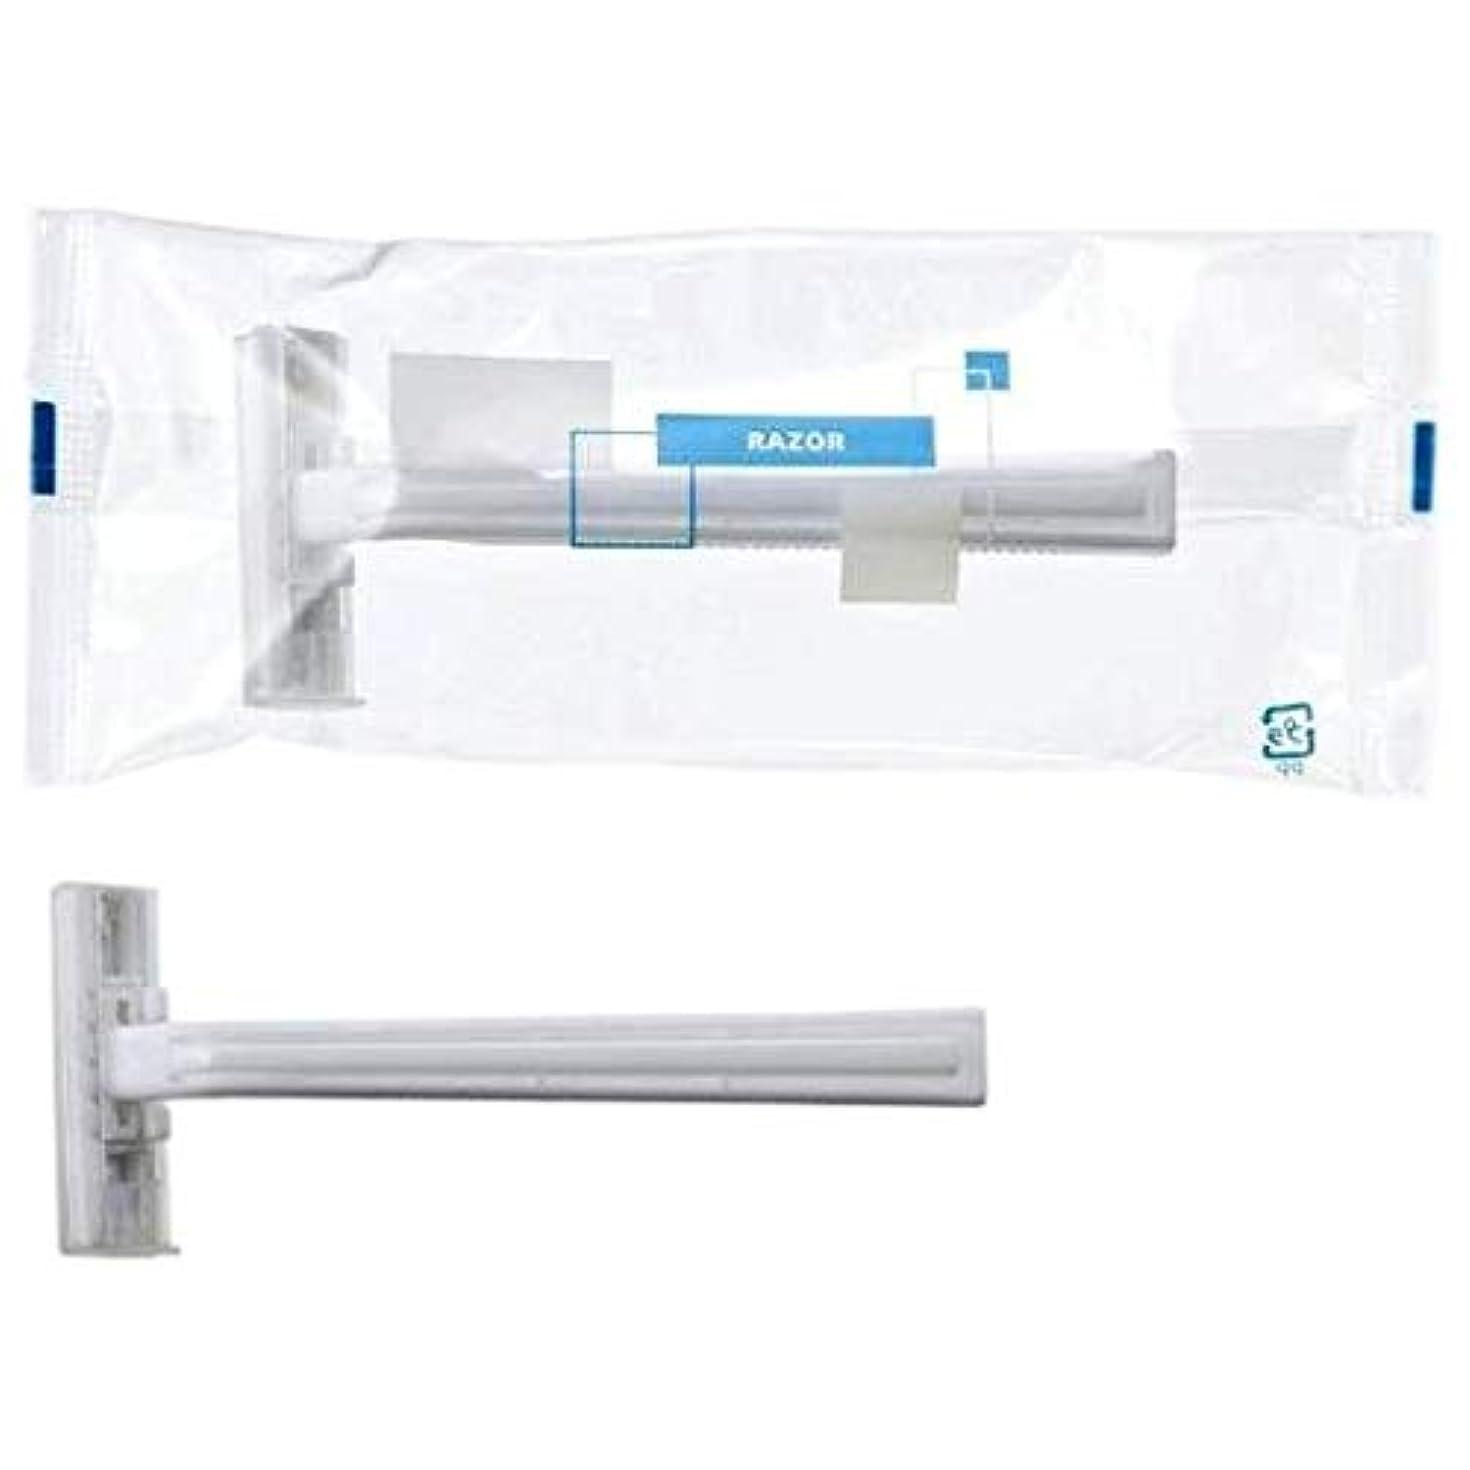 制限された候補者液化するカミソリ2枚刃 袋入 ムサシ2 (eシリーズ) 250入